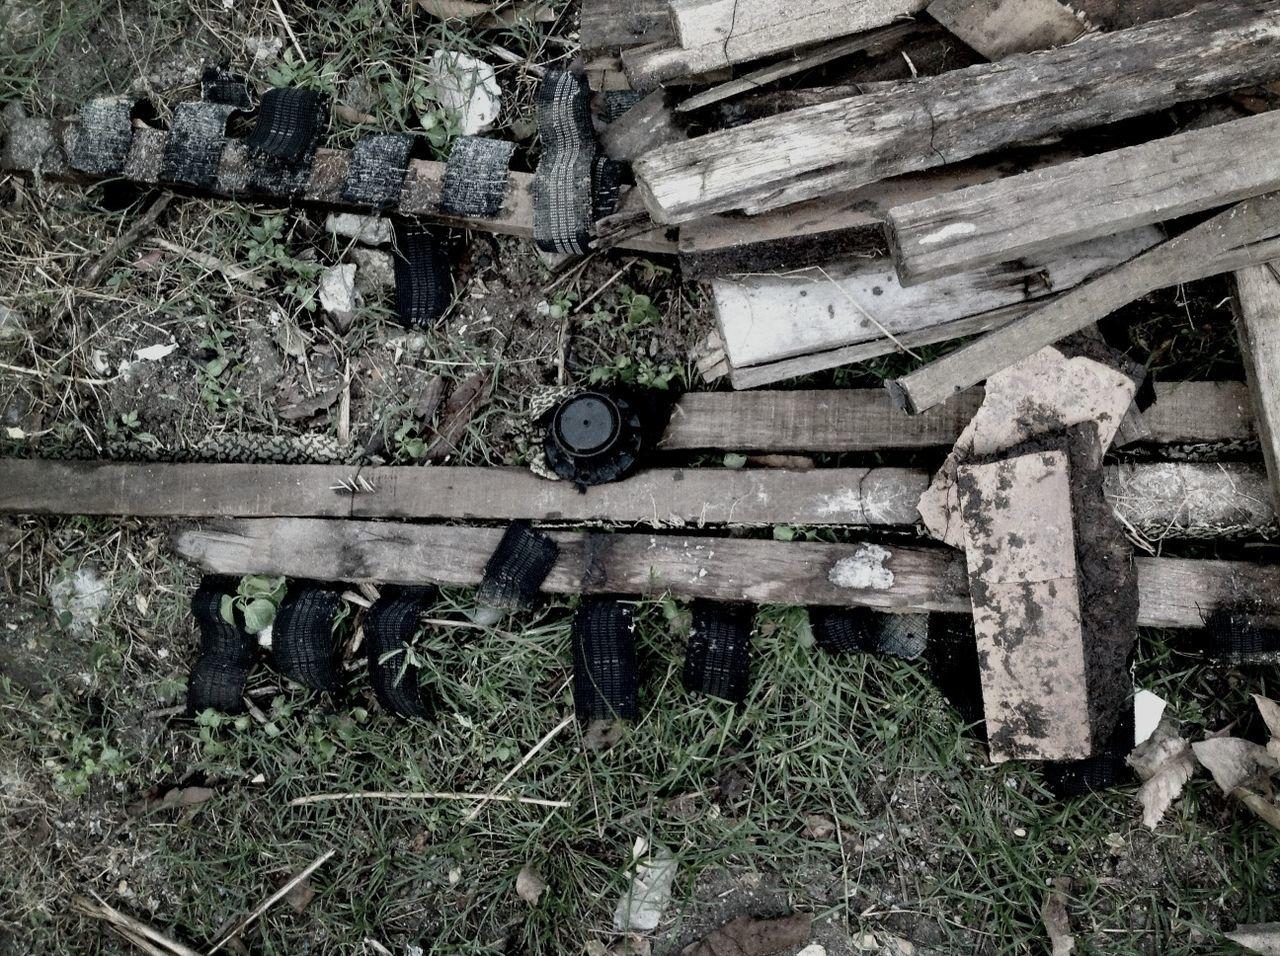 Pile Of Wooden Scraps